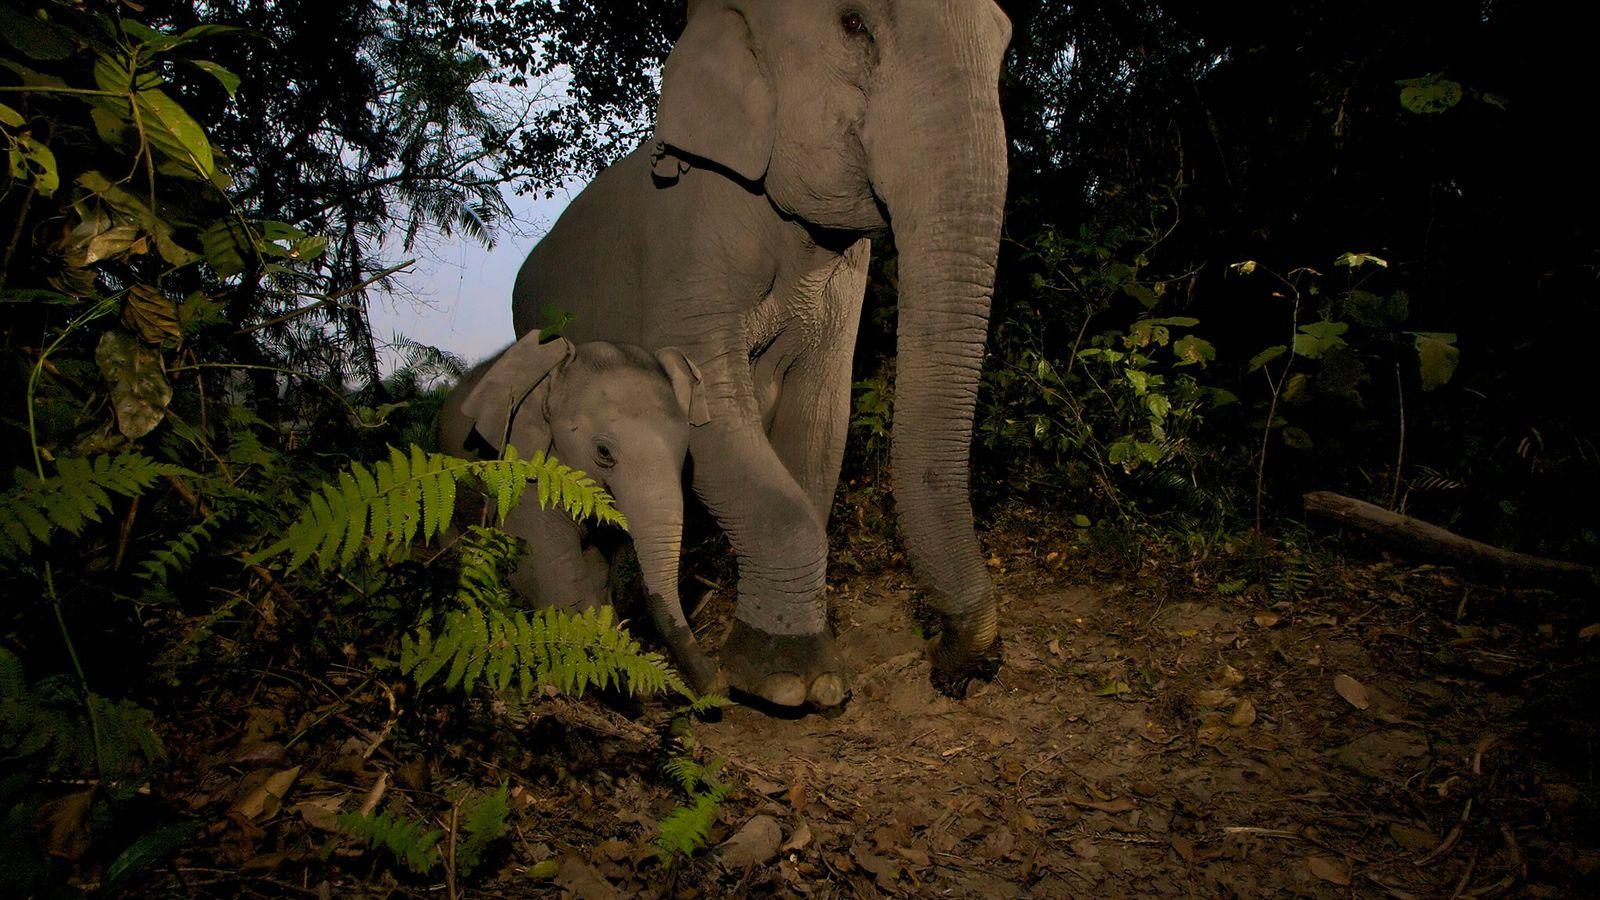 Les éléphanteaux d'Asie et leurs pattes plus petites, sont plus sujets à des blessures graves que ...